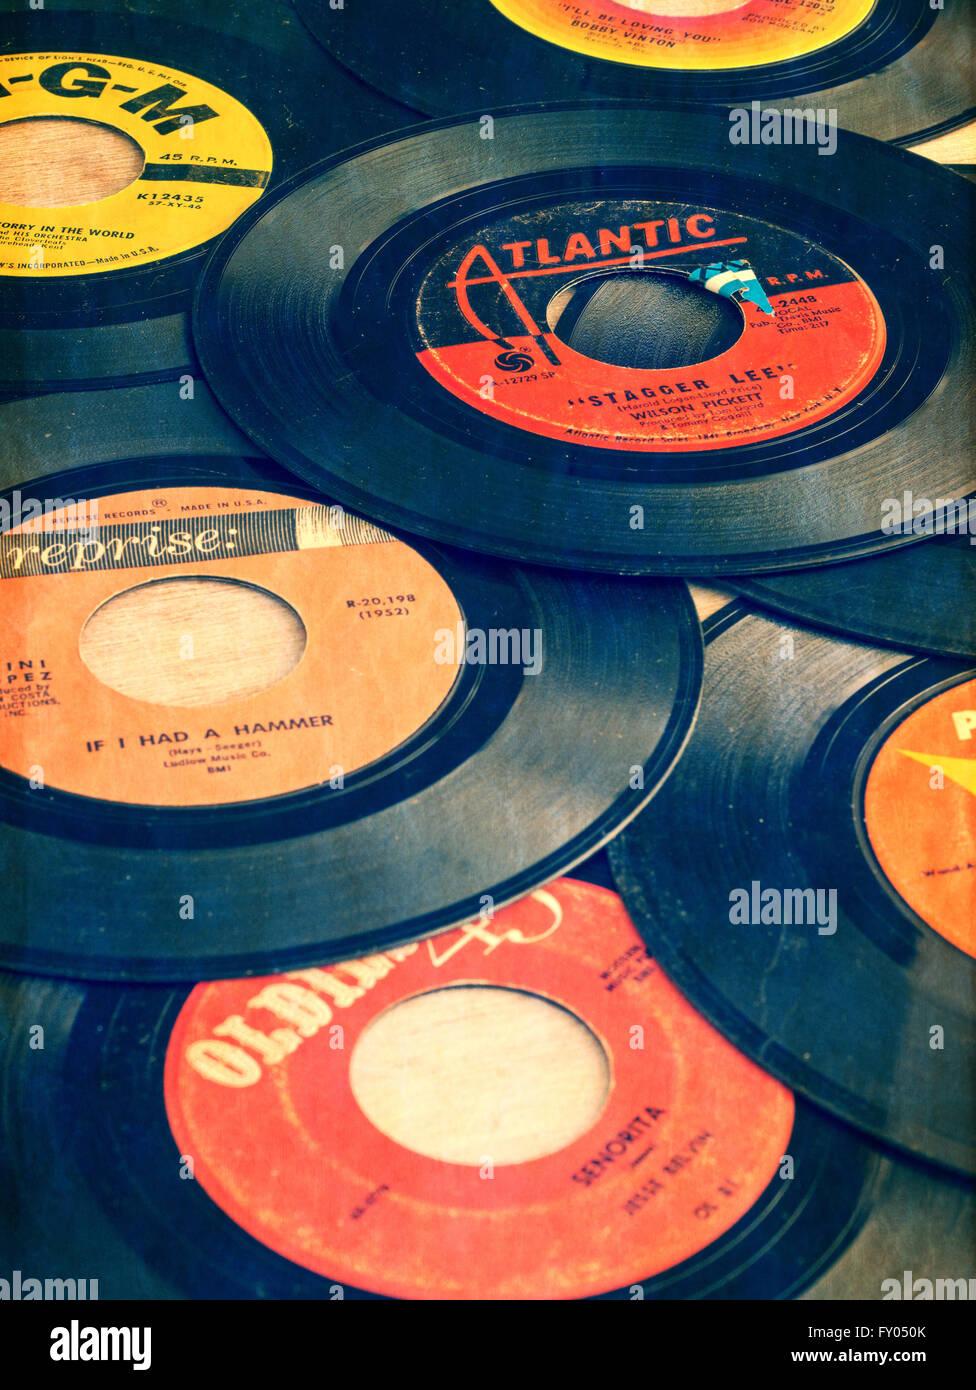 Alte Vinyl 45 s aus den frühen Tagen des Rock And Rollenmusik. Stockbild